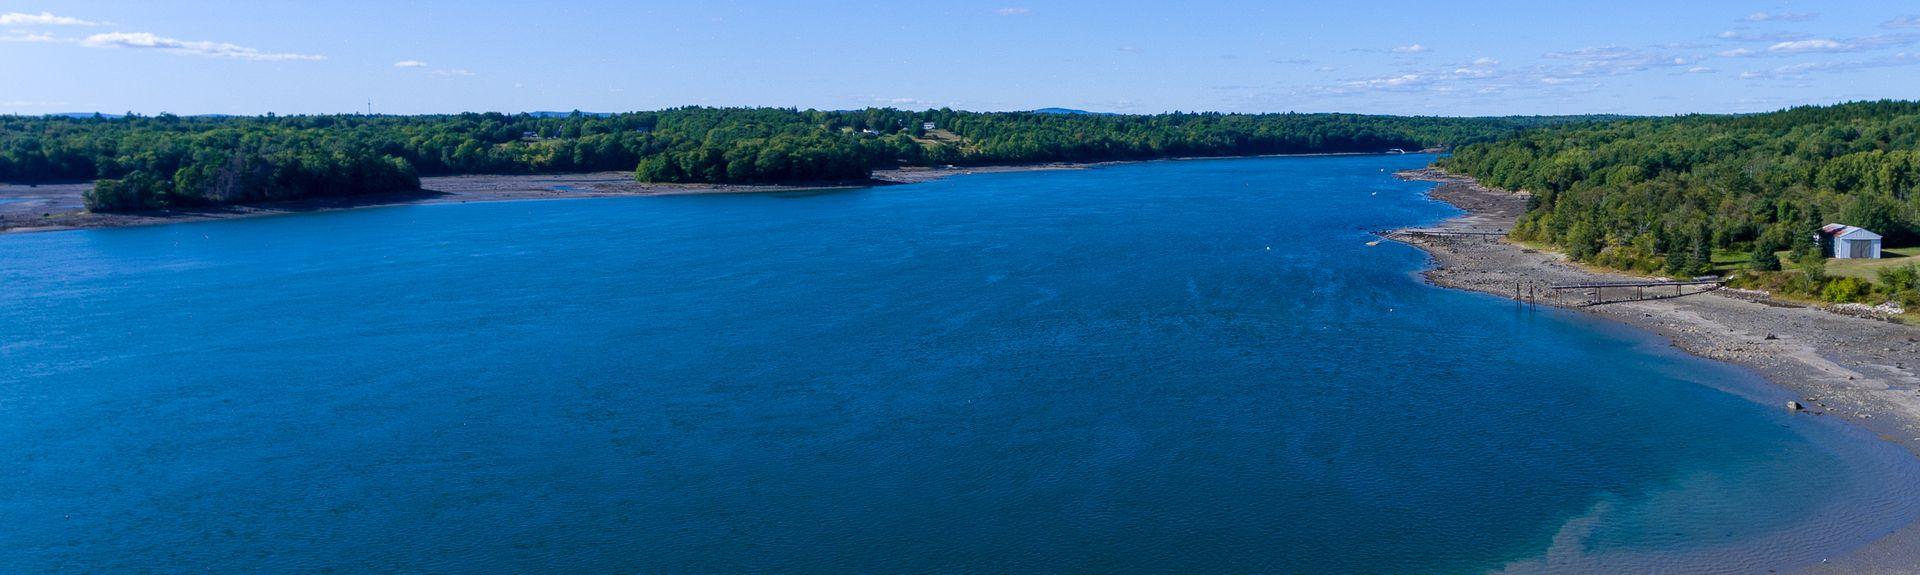 Camden Hills State Park, Camden, Lincolnville, Maine, Verenigde Staten